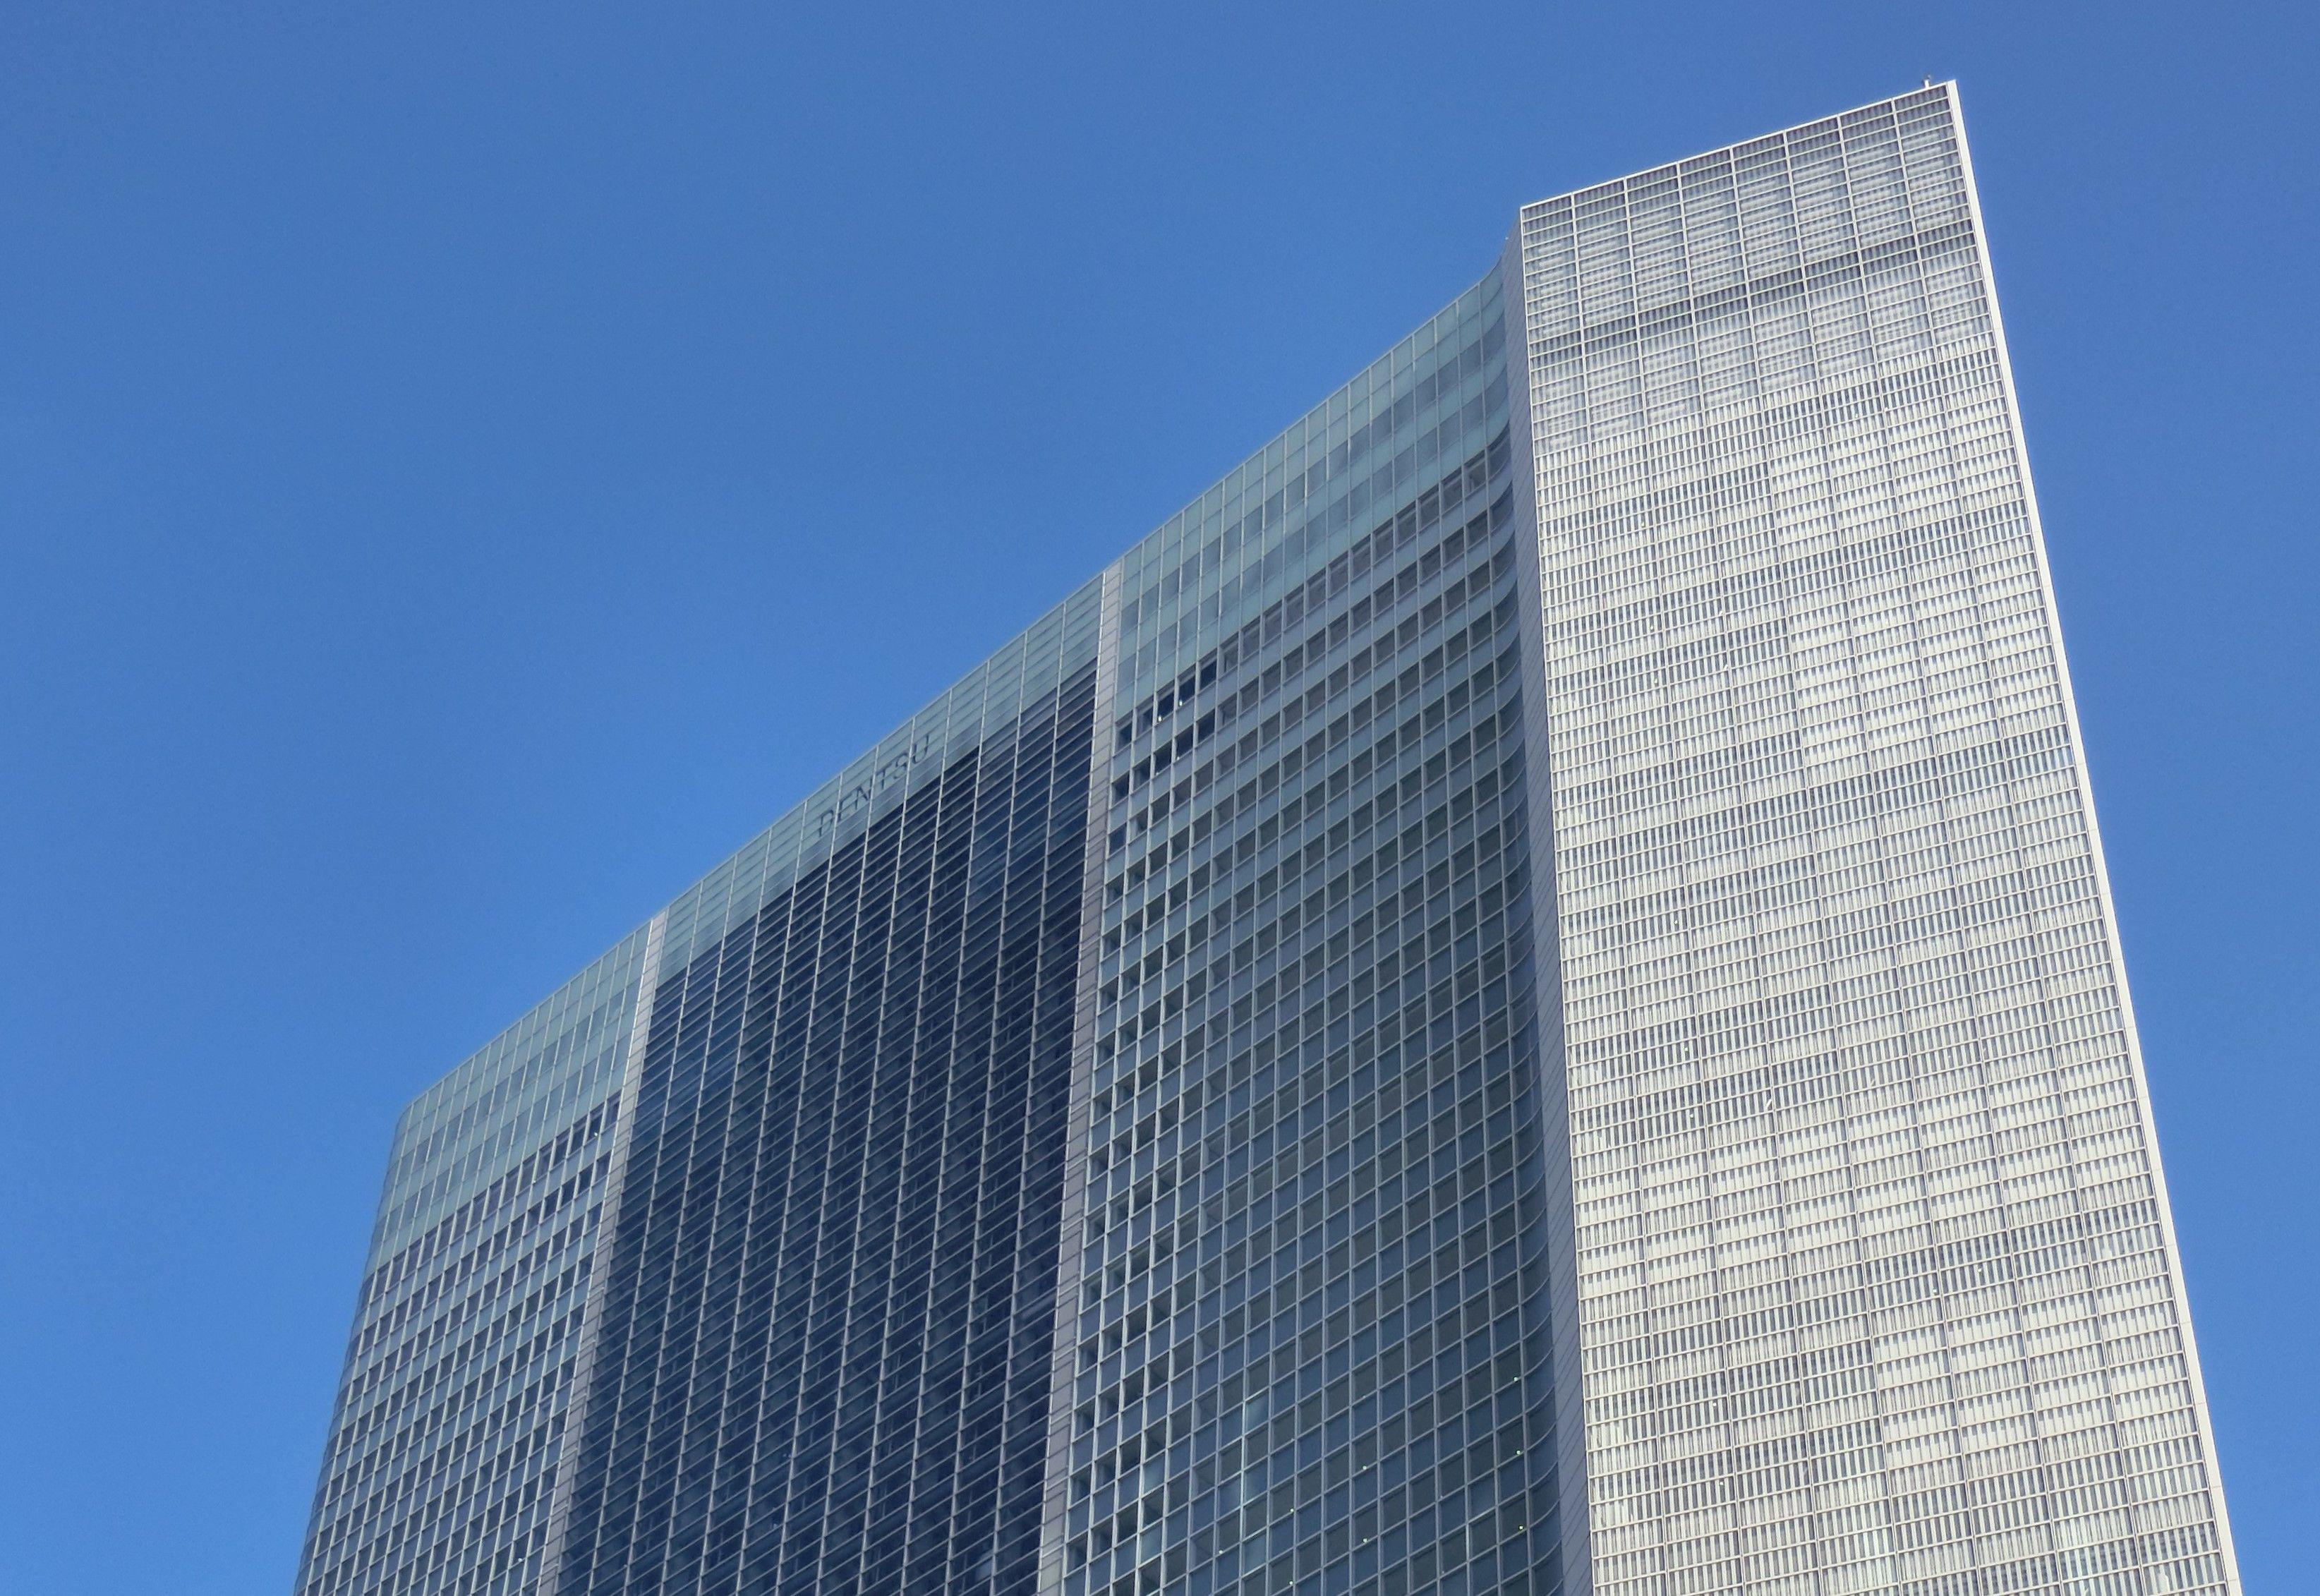 電通だけではない「本社ビル」売却、過去に東芝・NECも